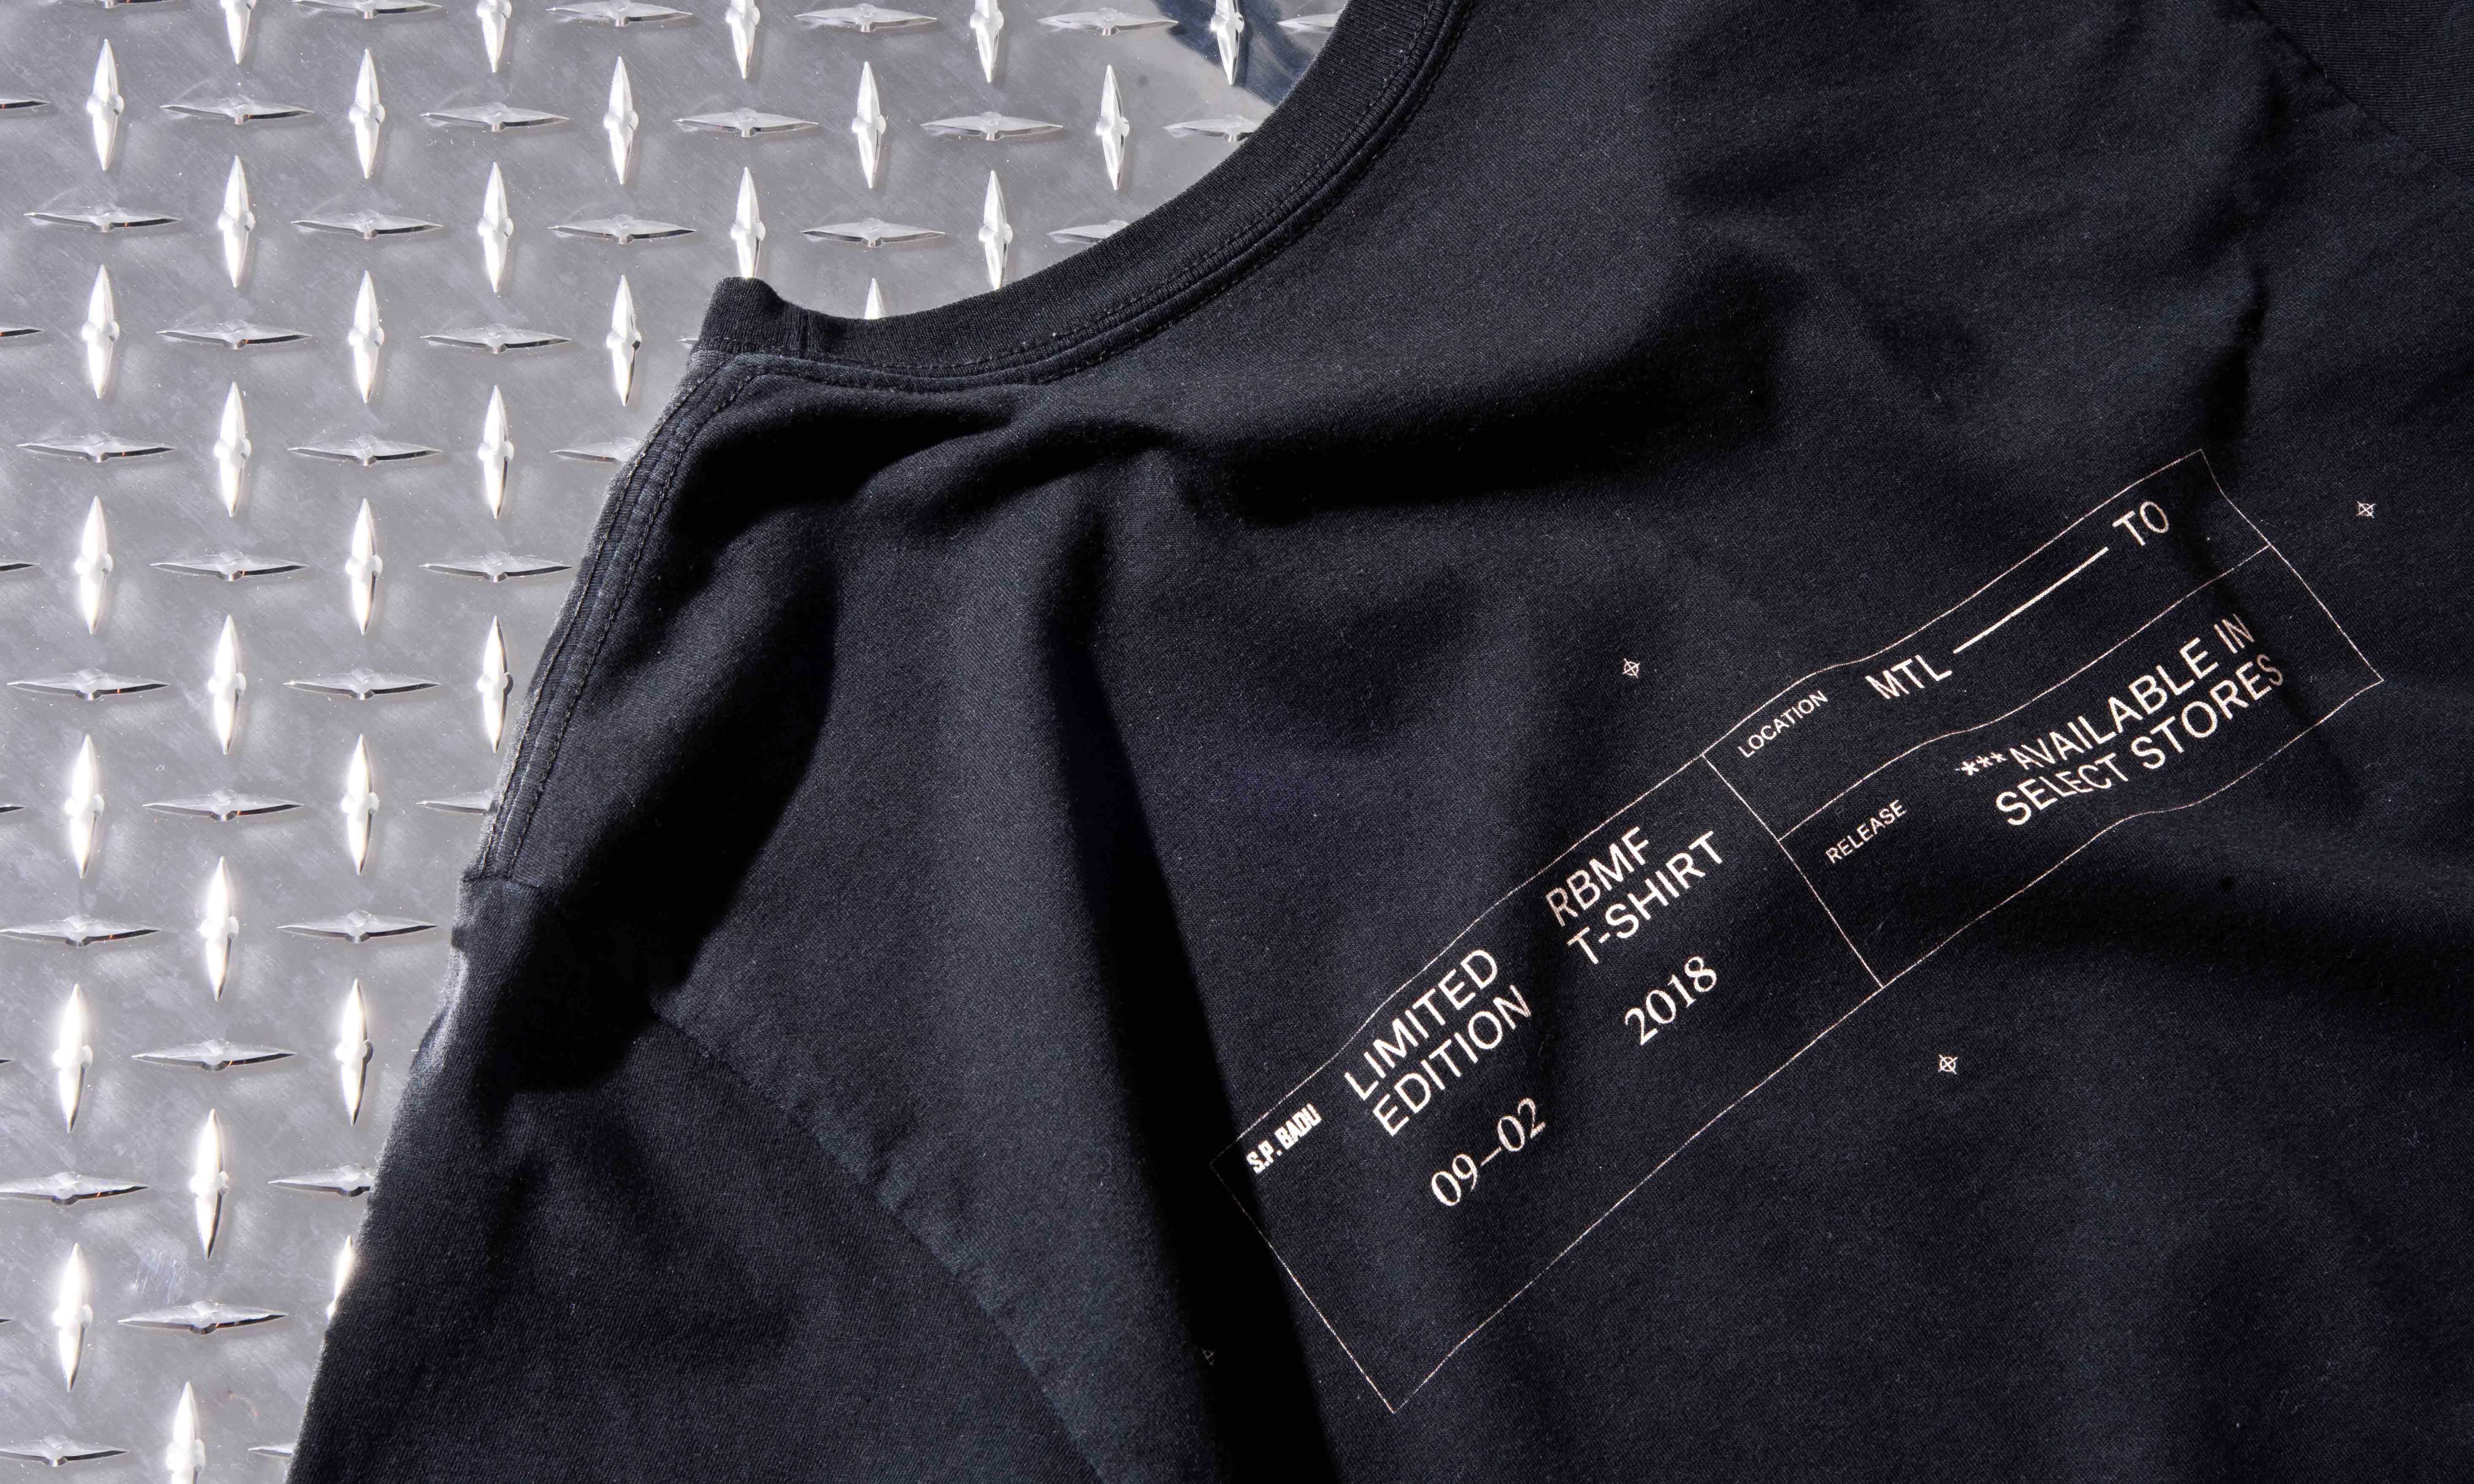 Red Bull Music Festival T-Shirt with Branding